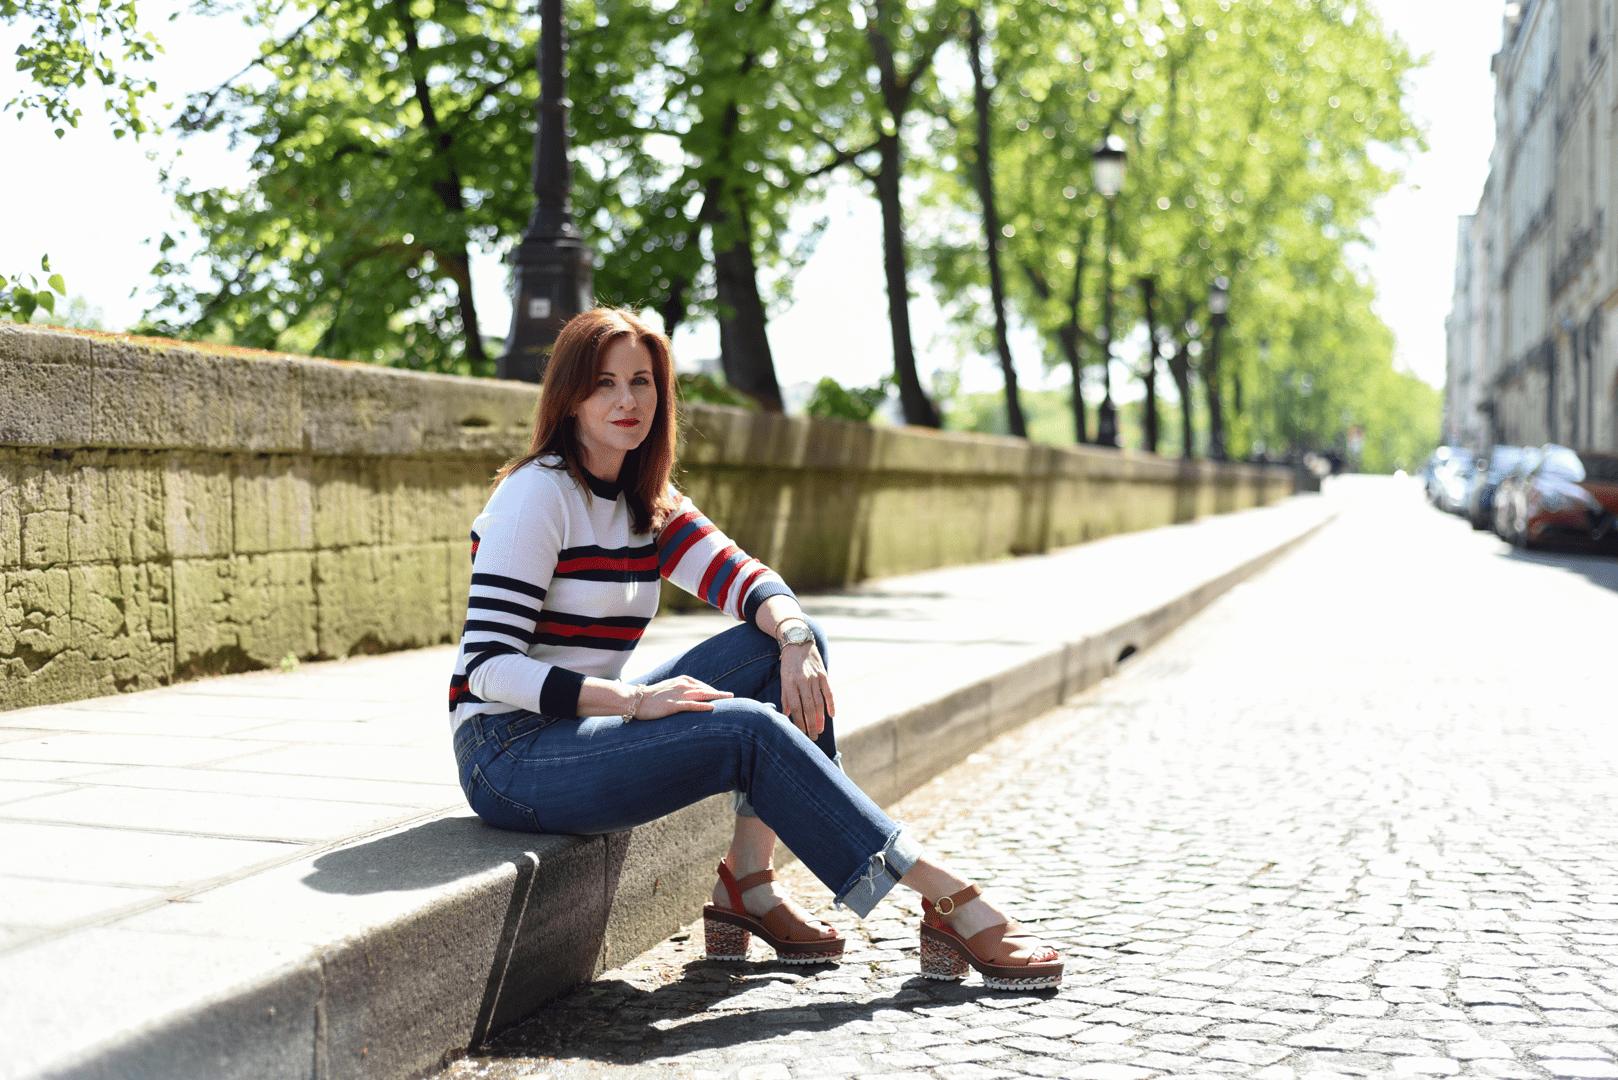 Leah sitting on street on Ile Saint-Louis